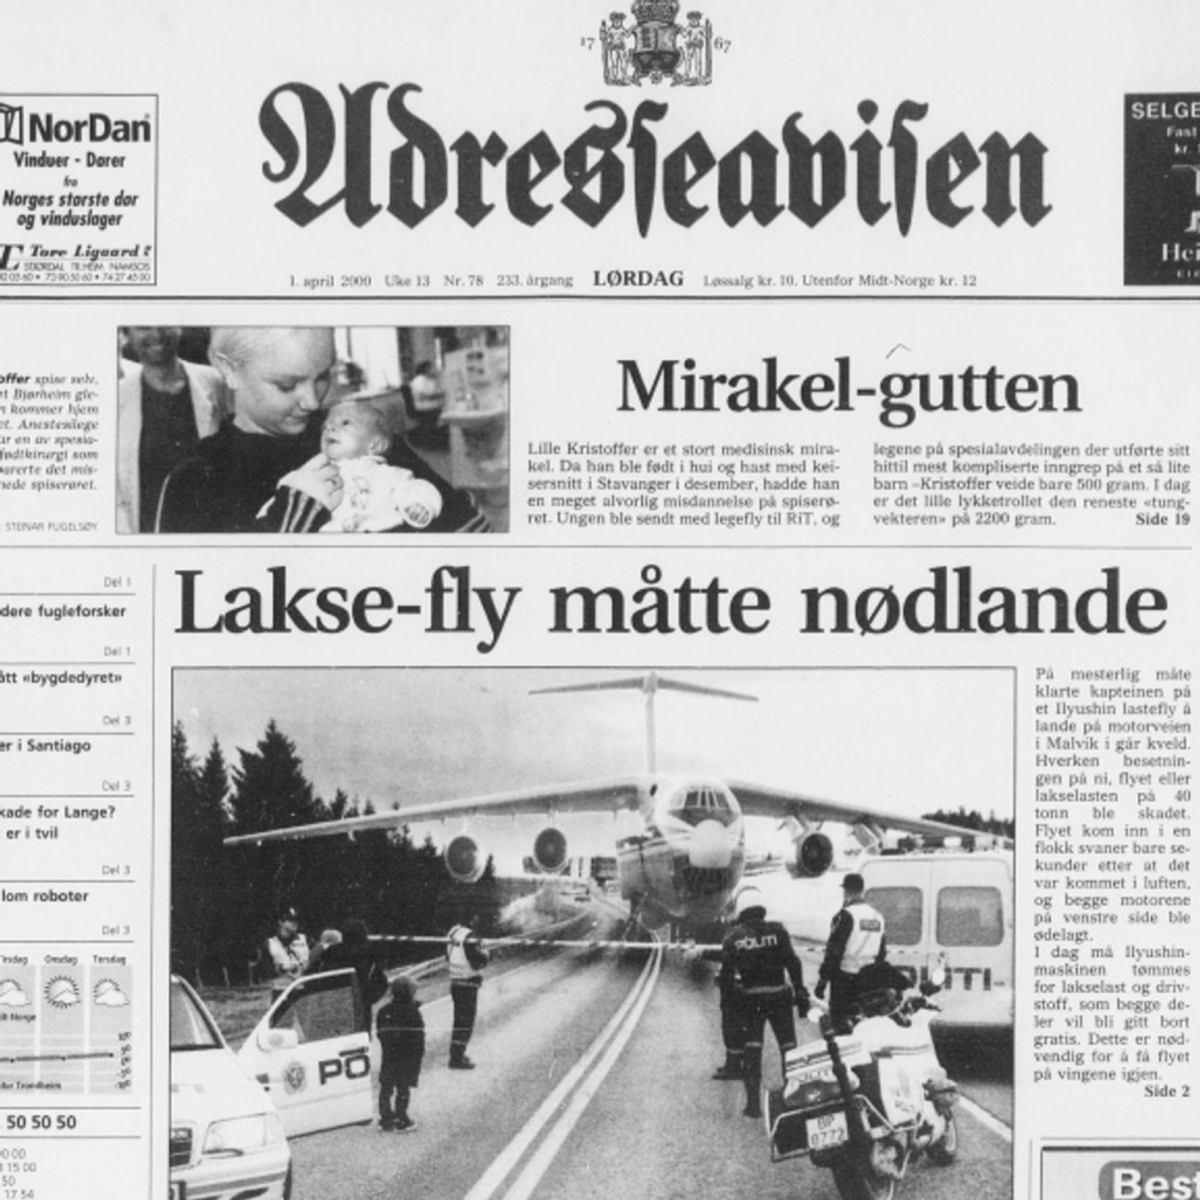 Шутка про ИЛ-86 с лаксом из норвежской газеты Adresseavisen.